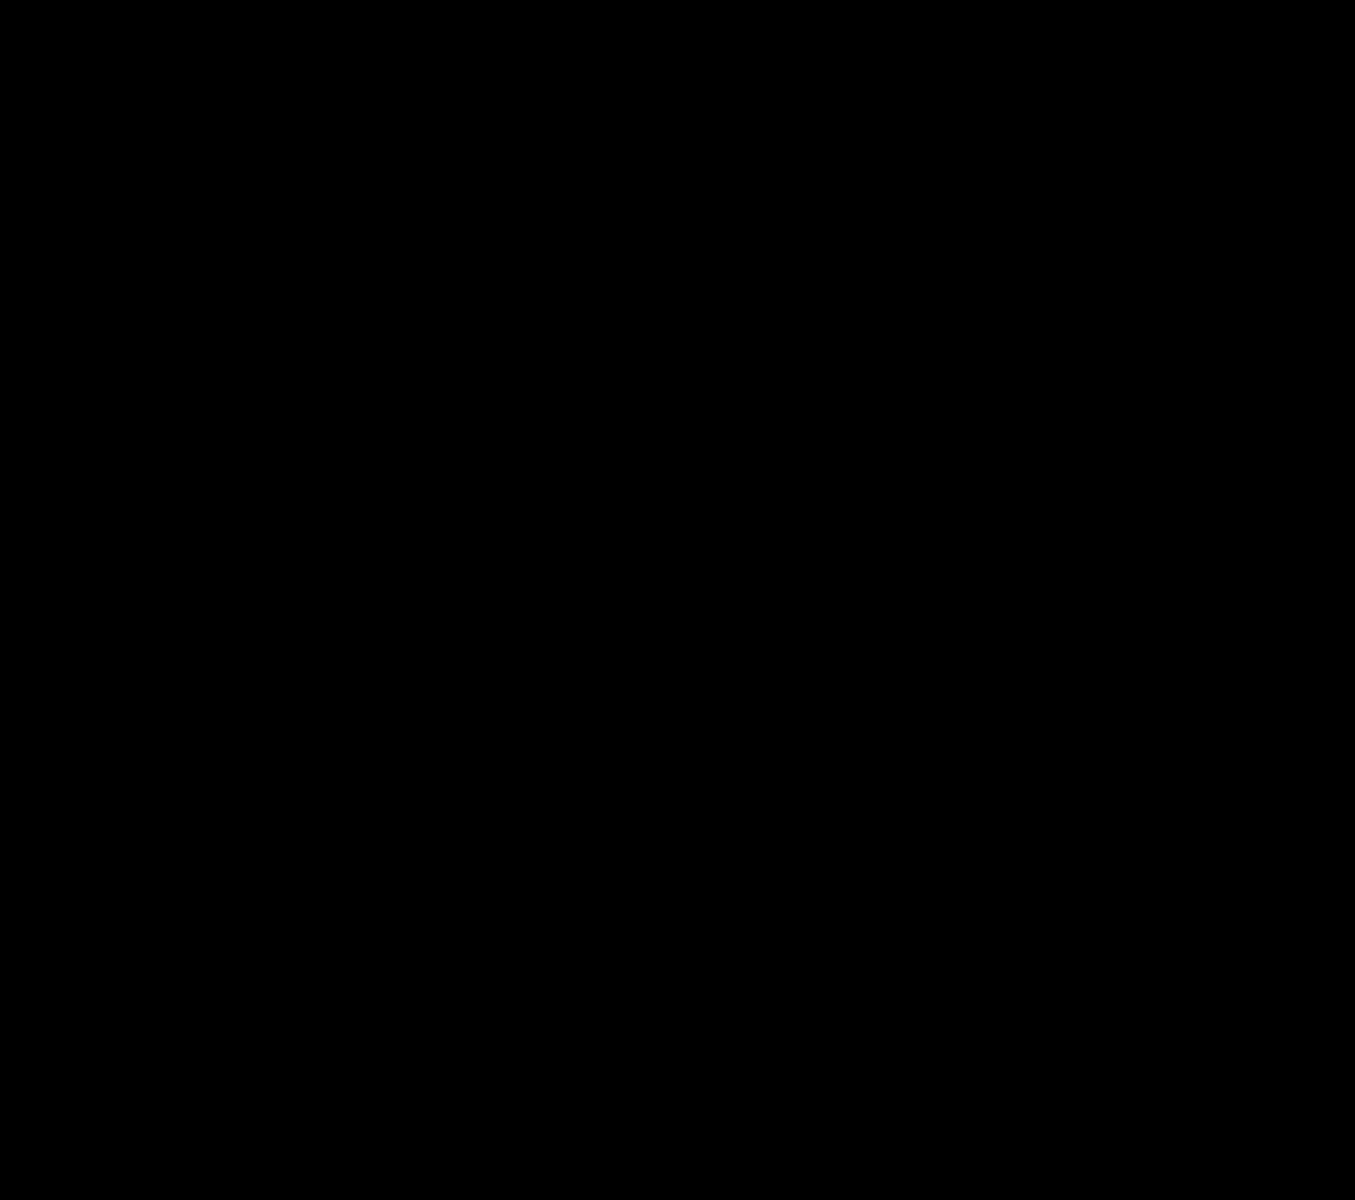 Revlon Fanfic's 2017